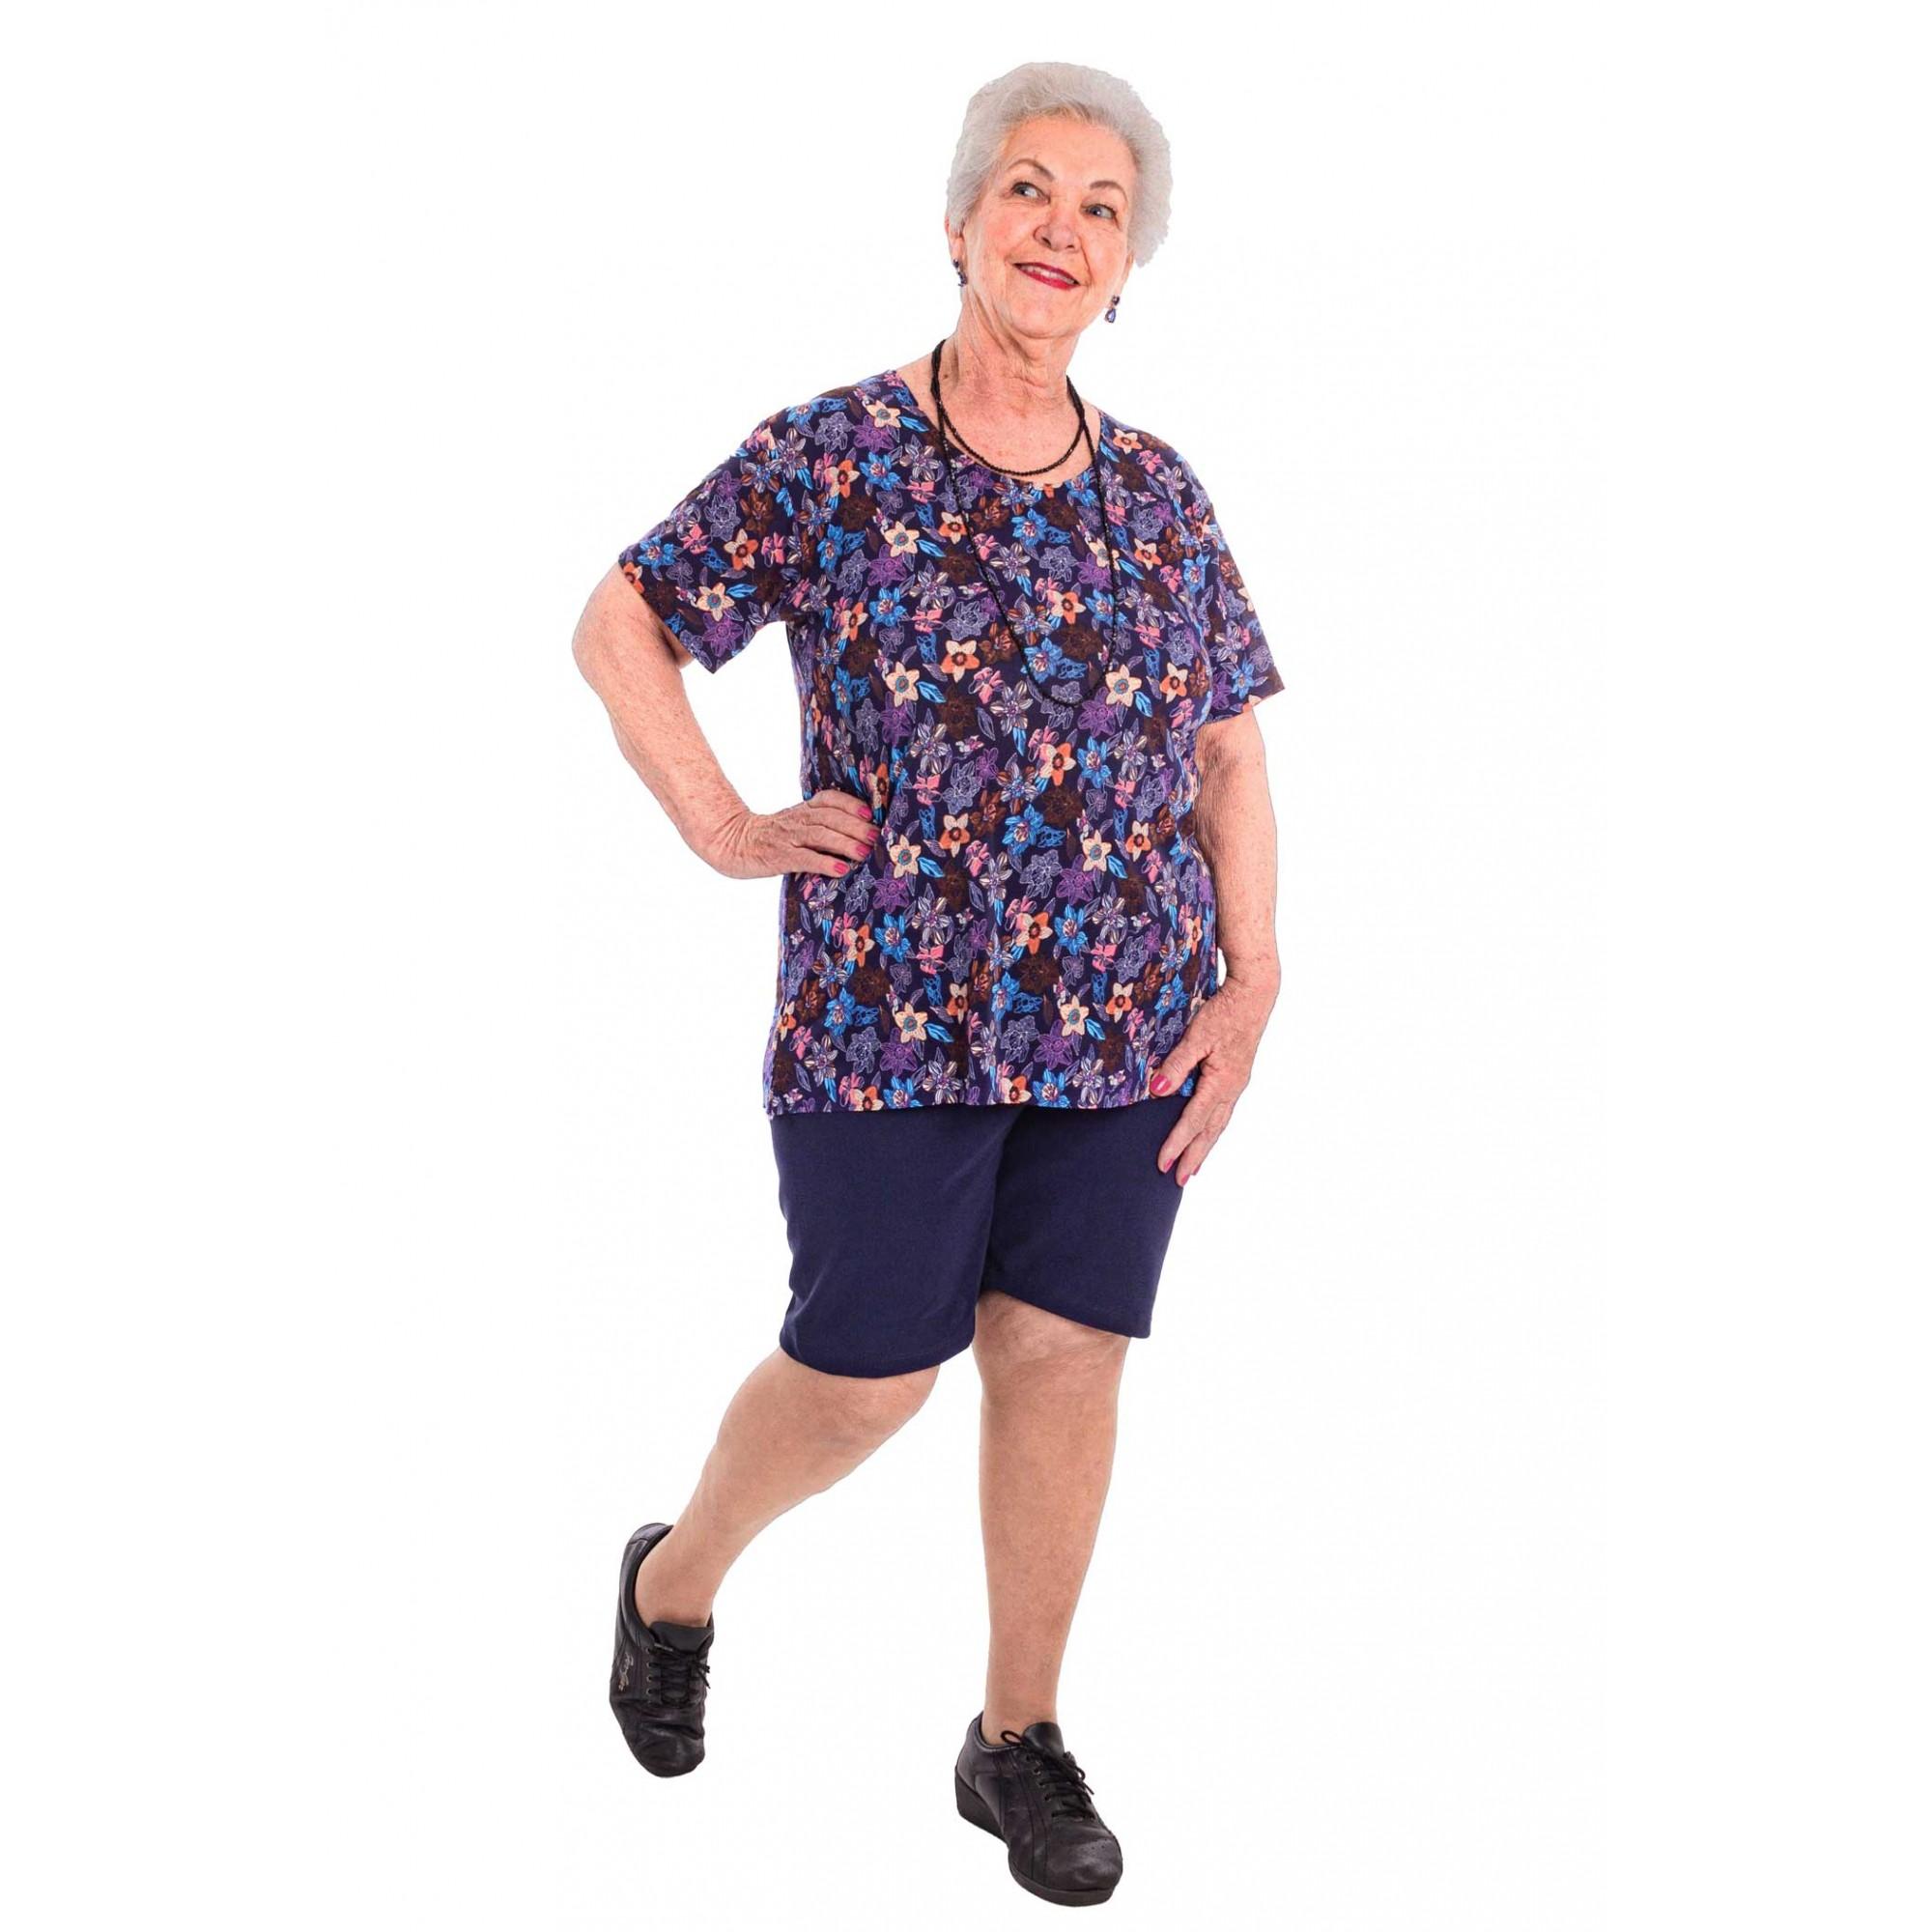 Blusa Liganete Moda Senhoras Estampas Variadas